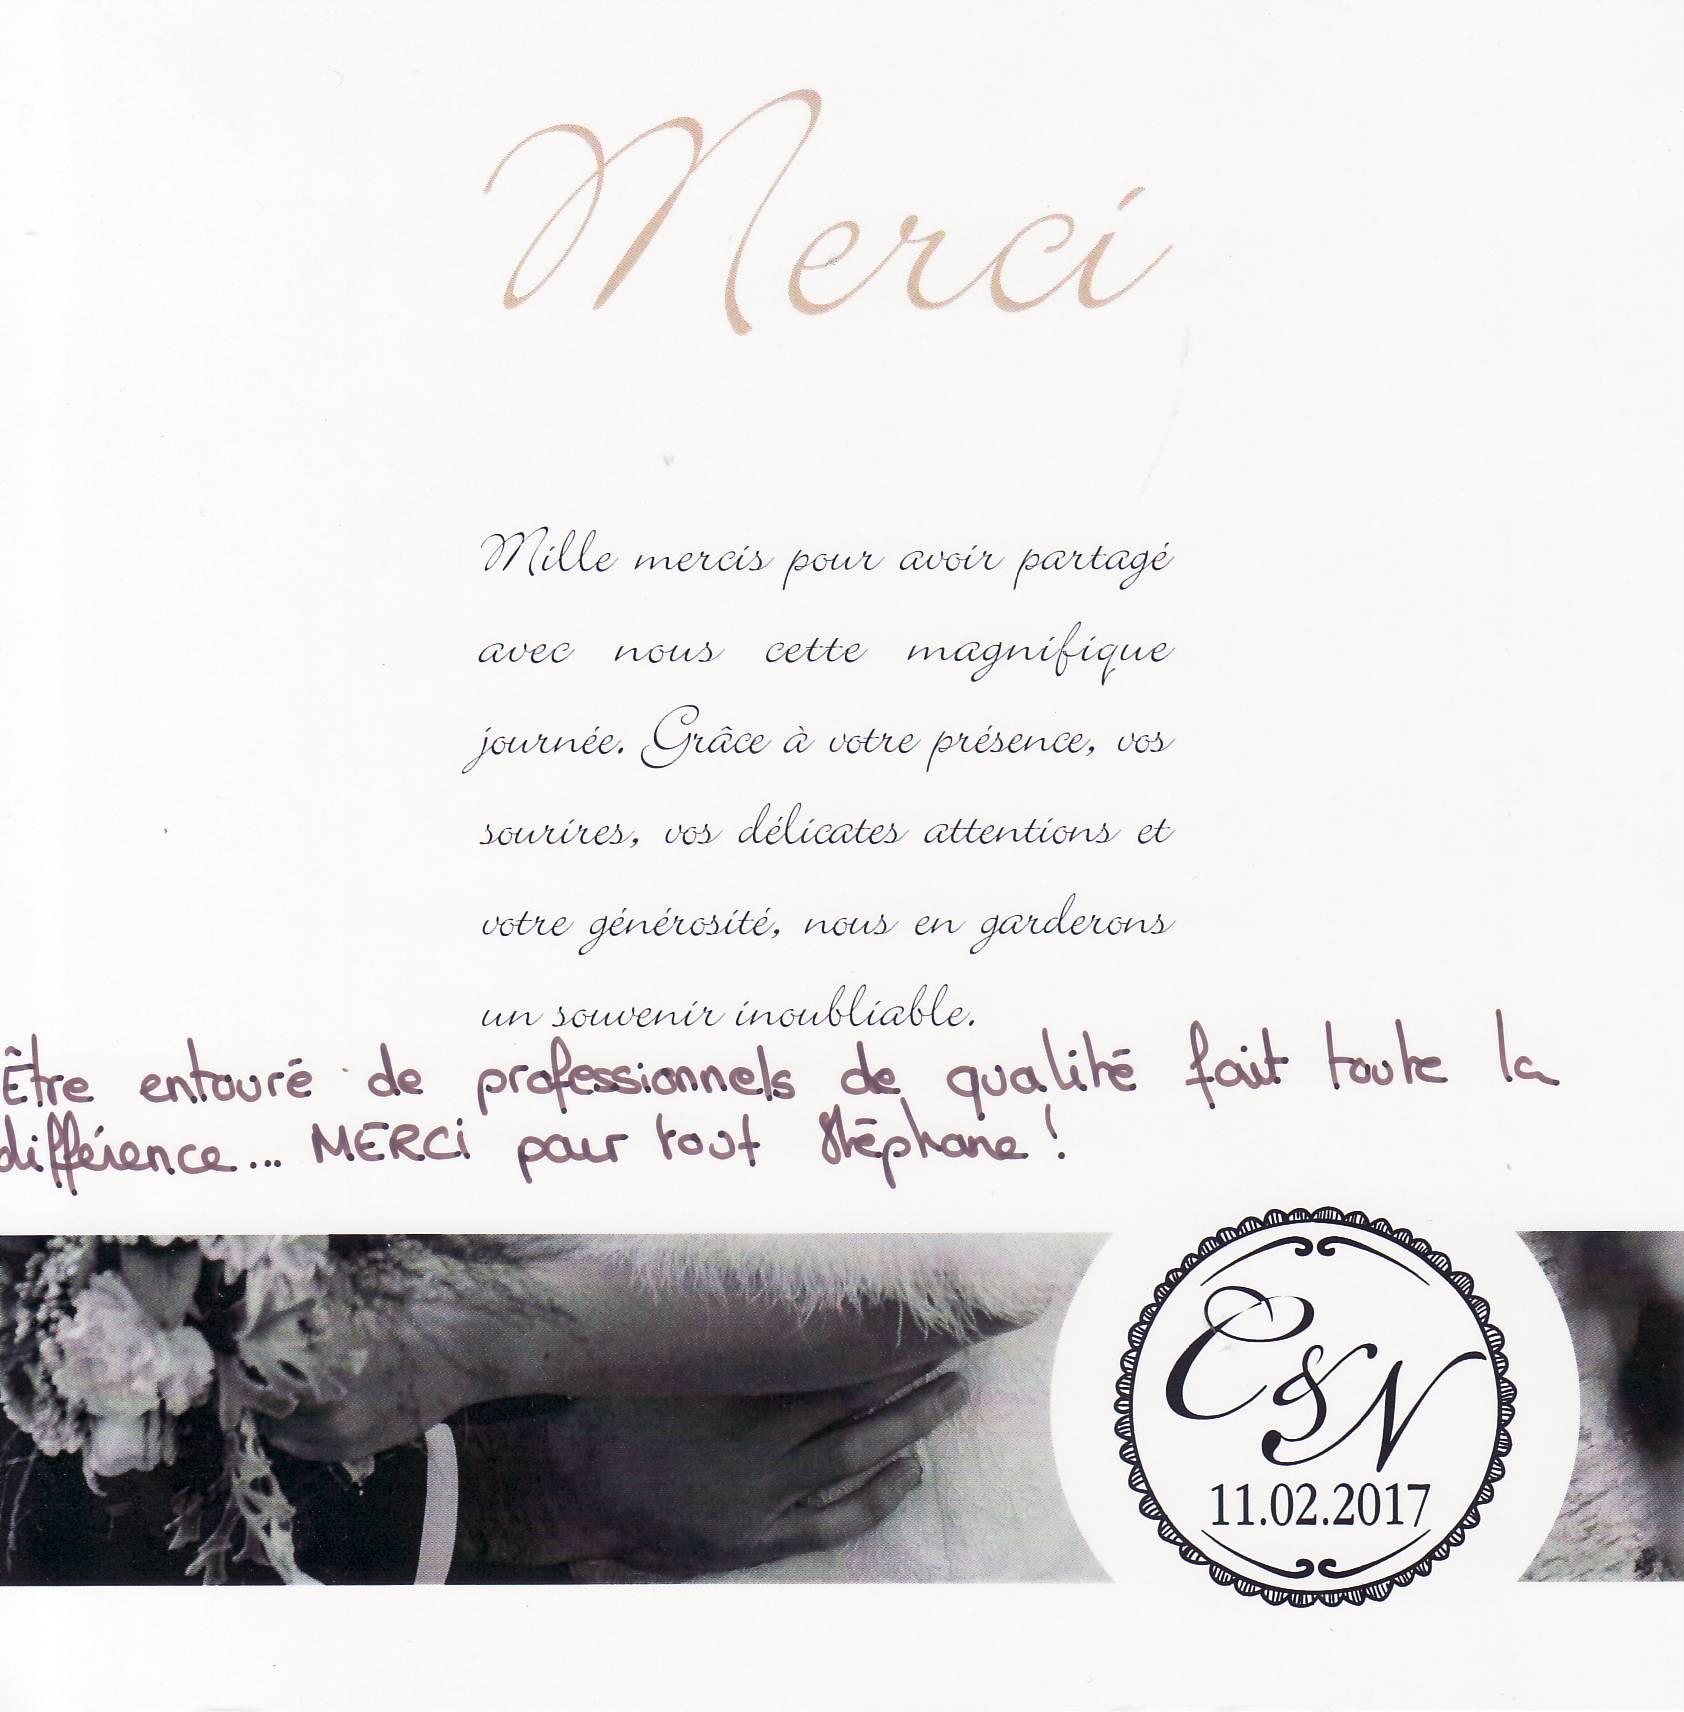 Mariage_JEROME_Nicolas_&_GUYOT_Cynthia_(Salle_des_Sociétés_Cranves-Sales)_(11-02-2017)_2